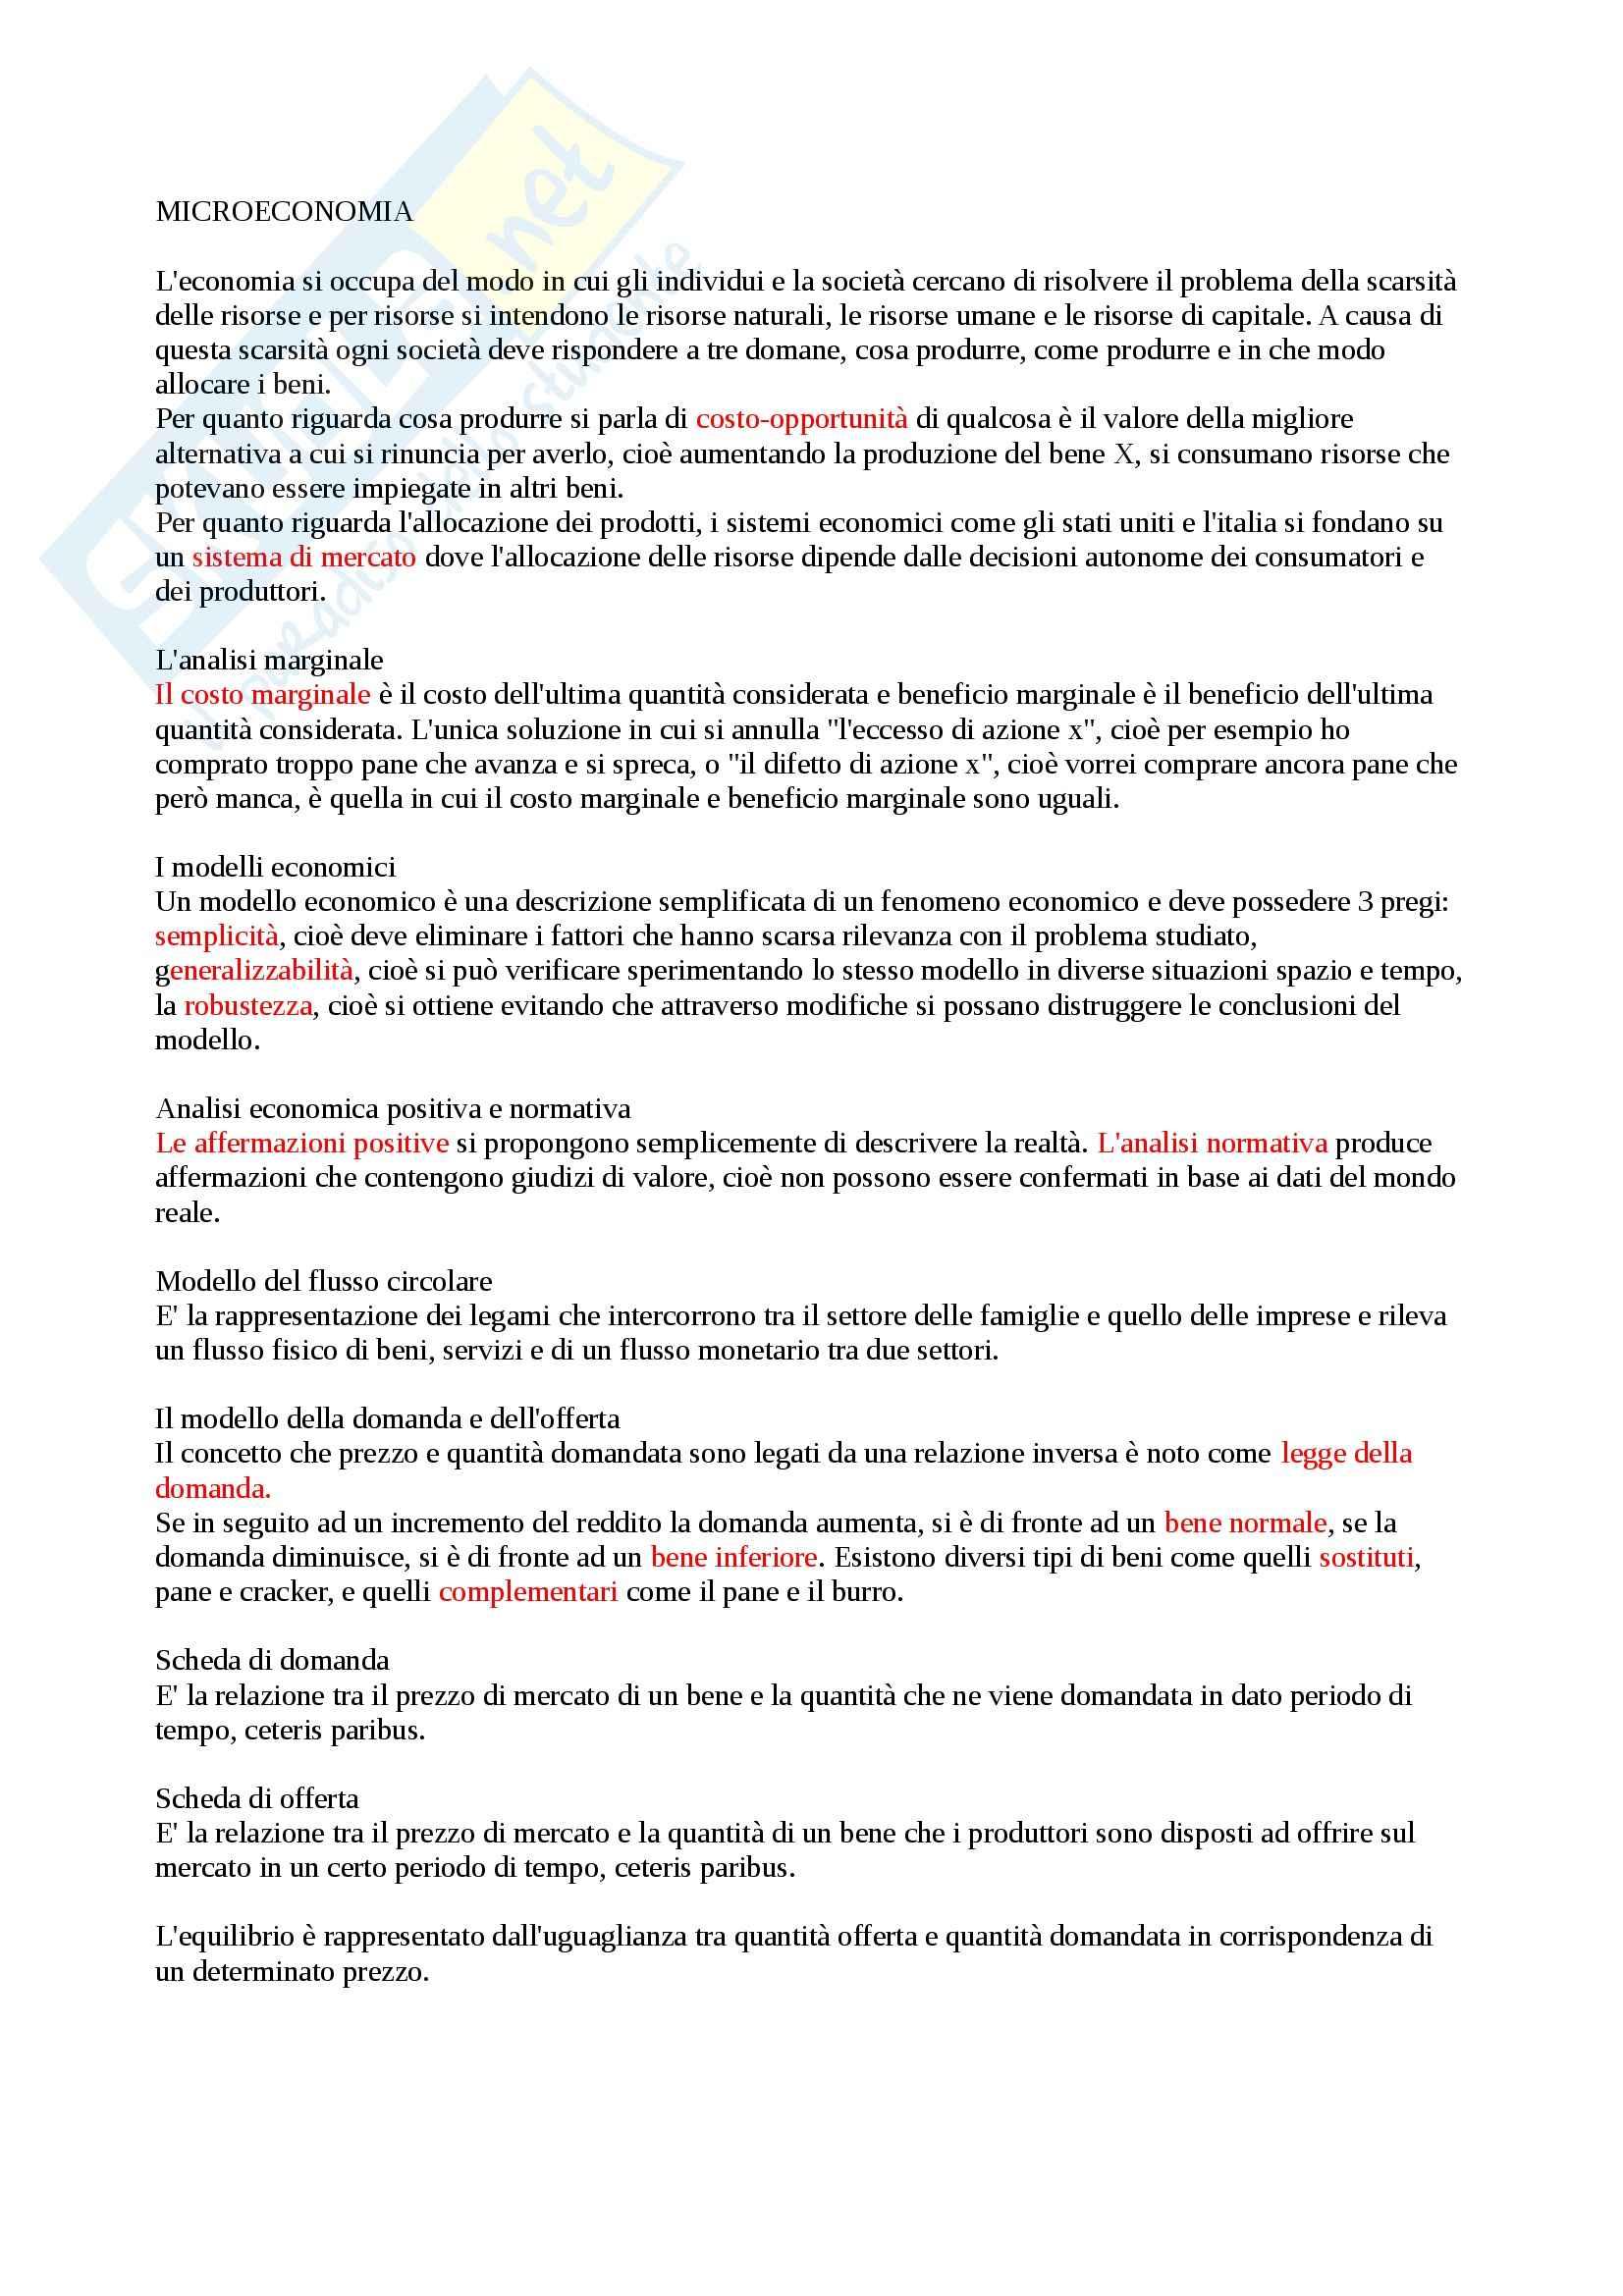 Riassunto esame Economia Politica: Microeconomia, prof. Beltrametti